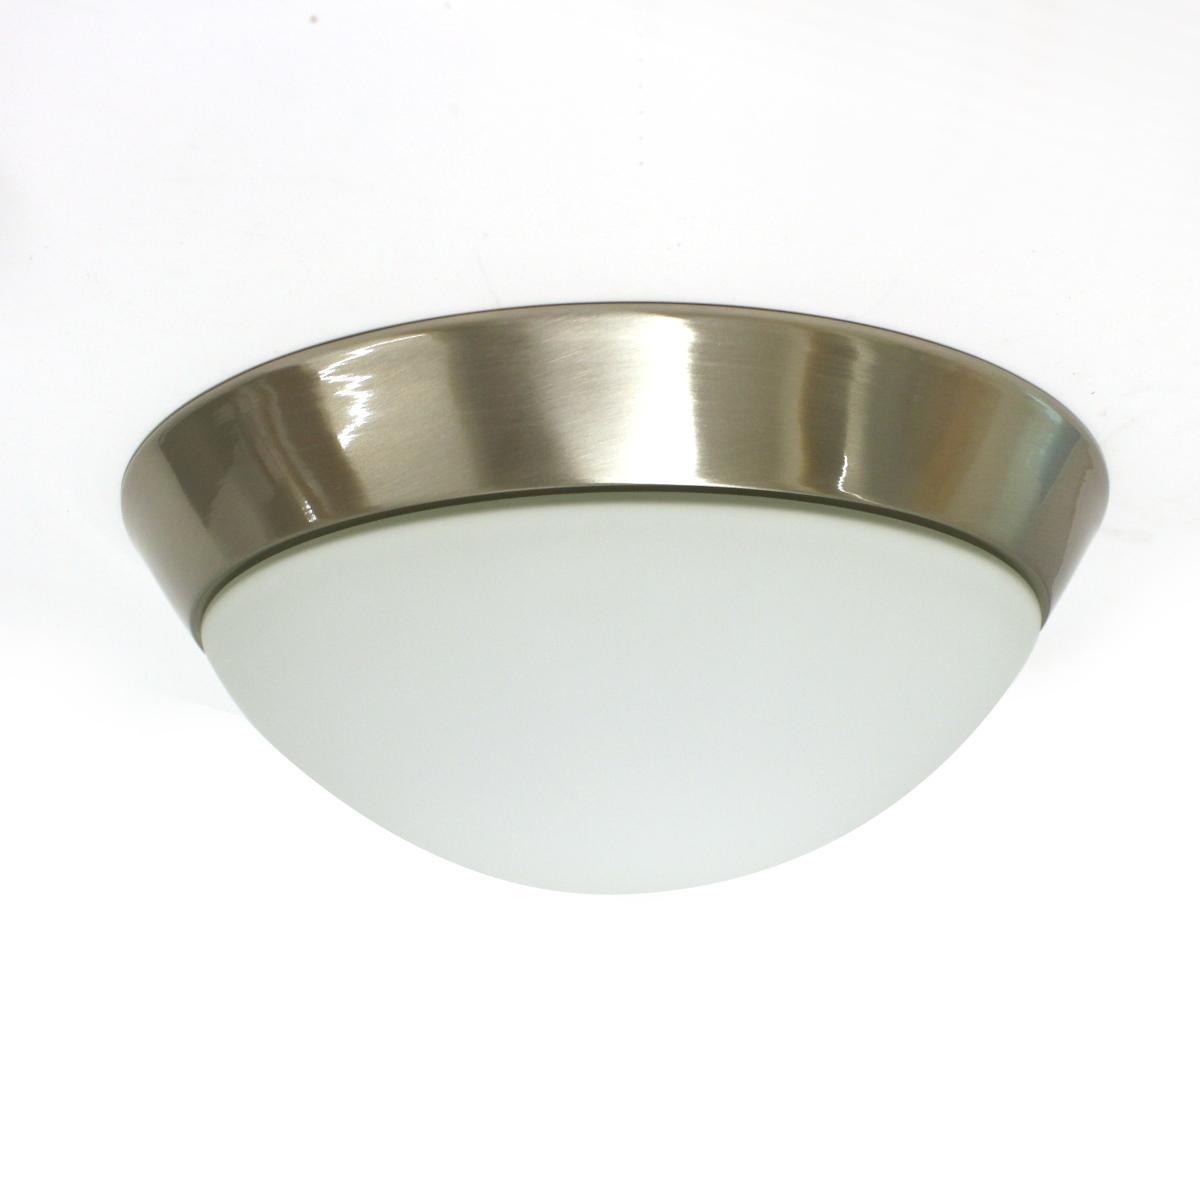 Lampenlux Deckenleuchte Dodo IP44 230V Deckenlampe Badlampe Rund Glas Fassung E27 Ø40cm Terasse Nickel Badezimmer Flur